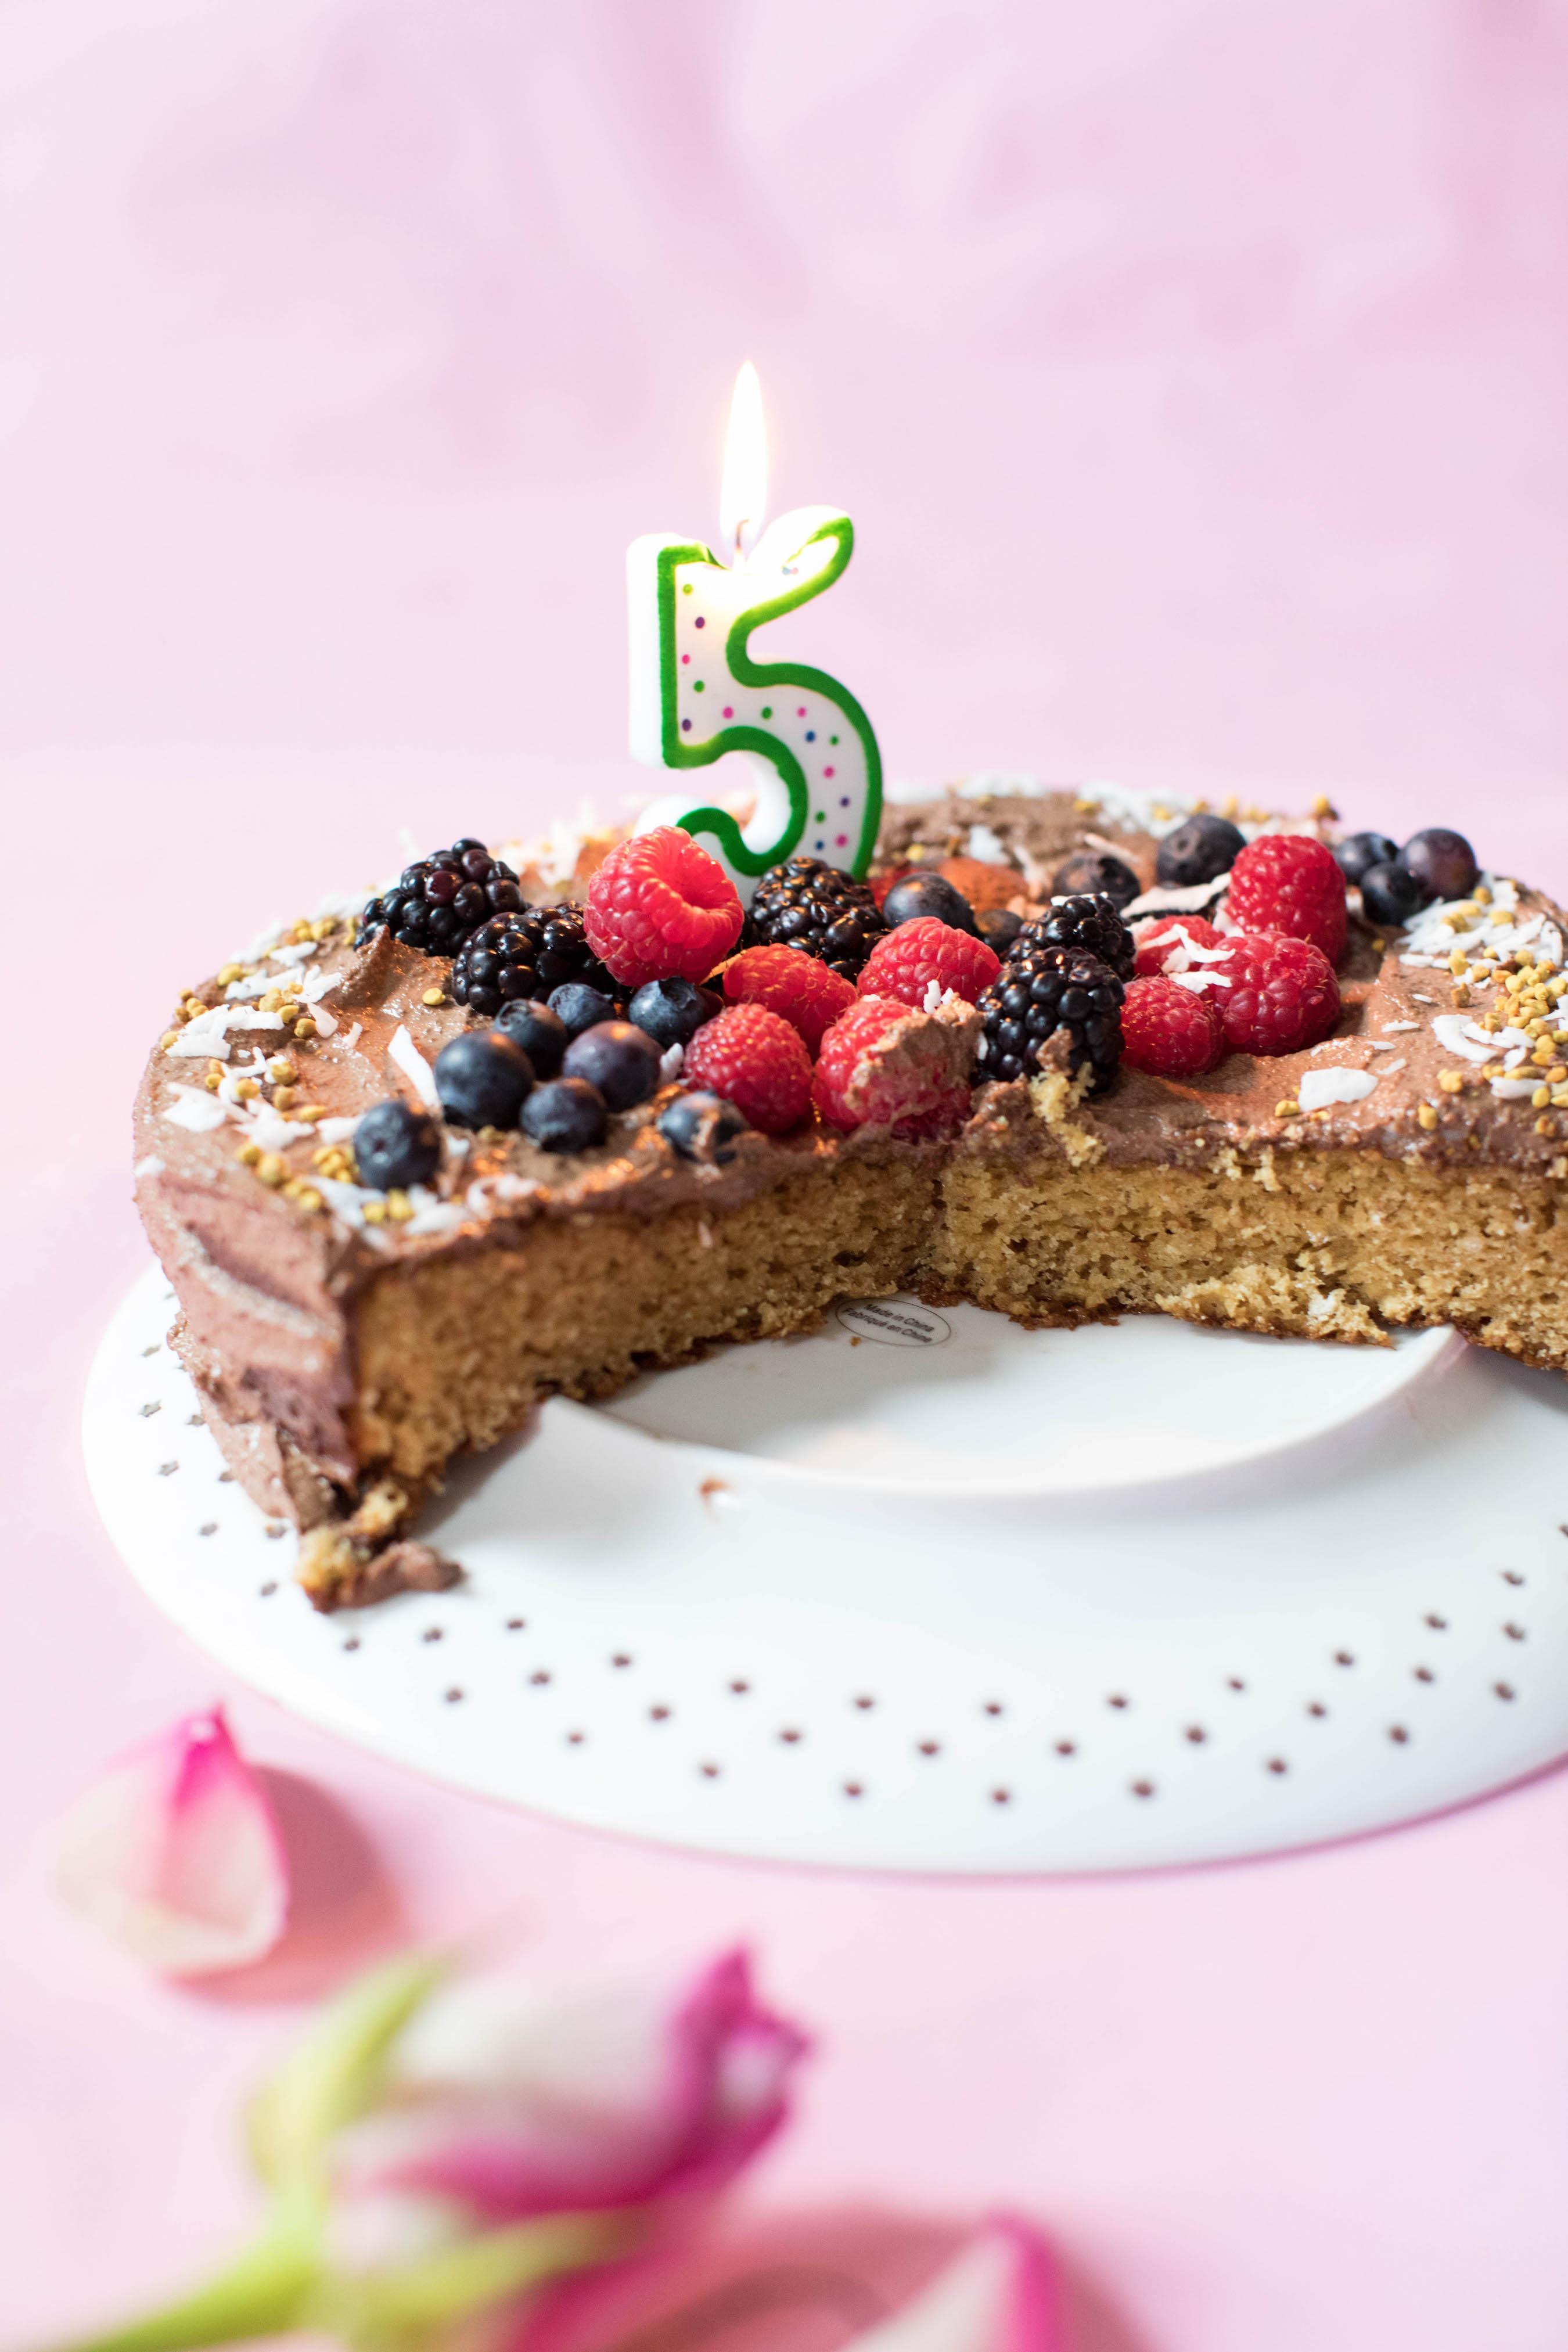 Best ideas about Gluten Free Birthday Cake . Save or Pin The Best Gluten Free Birthday Cake Recipe Now.